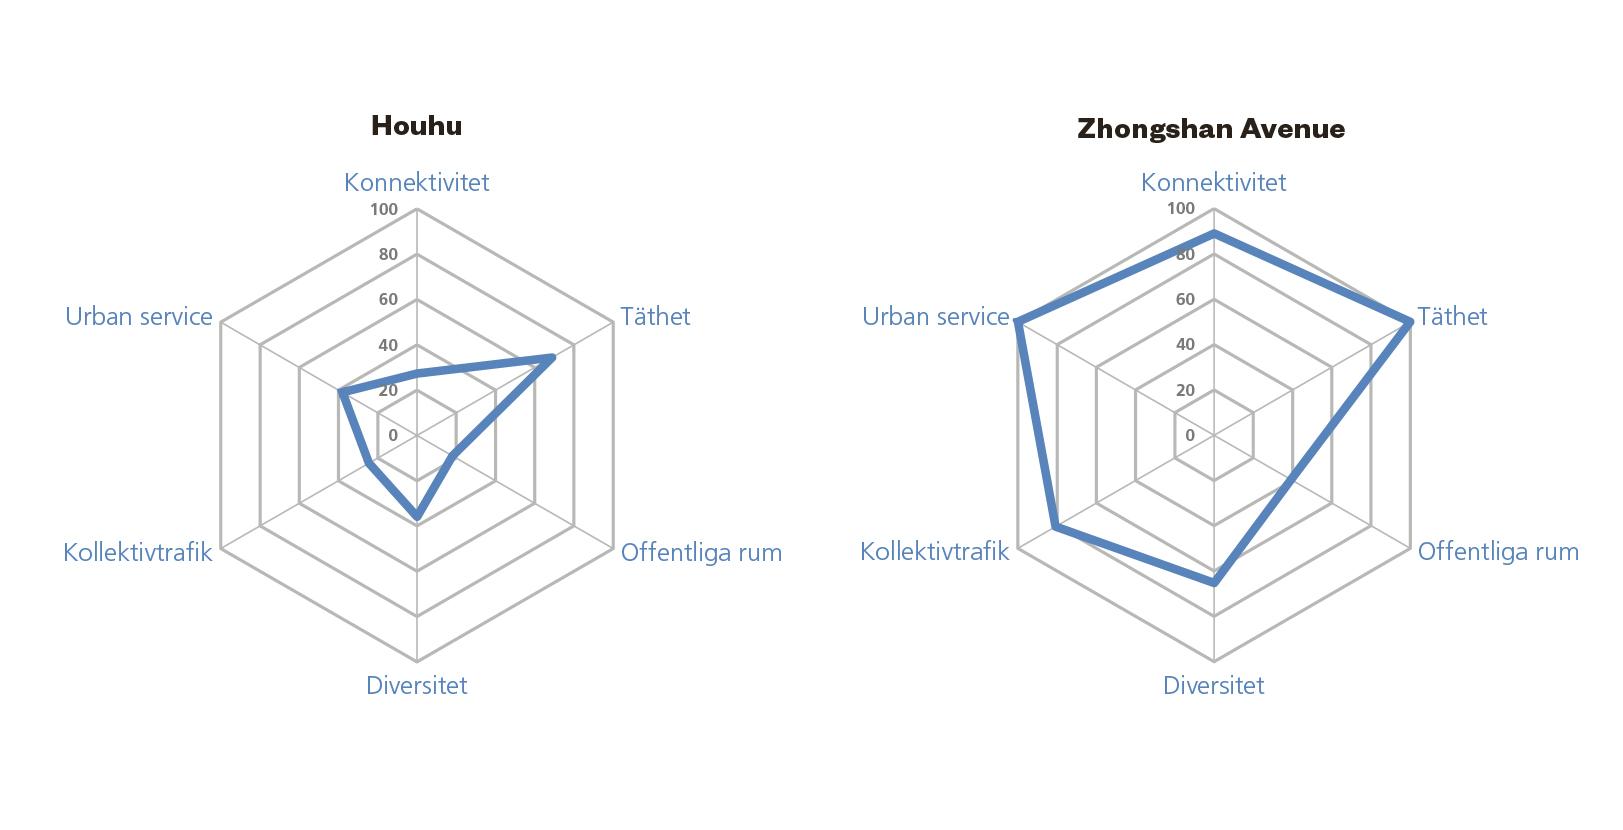 Två områden i Wuhan som representerar stadsbyggande i olika utbyggnadsfaser av stadens historia.  Houhu är en stadsdel i norra Wuhan som är typisk för 2000-talets snabba utbyggnadstakt. Områdets spatiala kapital är genomgående lågt jämfört med stadskärnan.  Zhongshan Avenue är en del av den historiska stadskärnan men som nyligen har genomgått en omfattande omvandling, bland annat har trafikytor omvandlats till gågator, torg och grönytor som förvaltar och ökar områdets redan höga spatiala kapital.